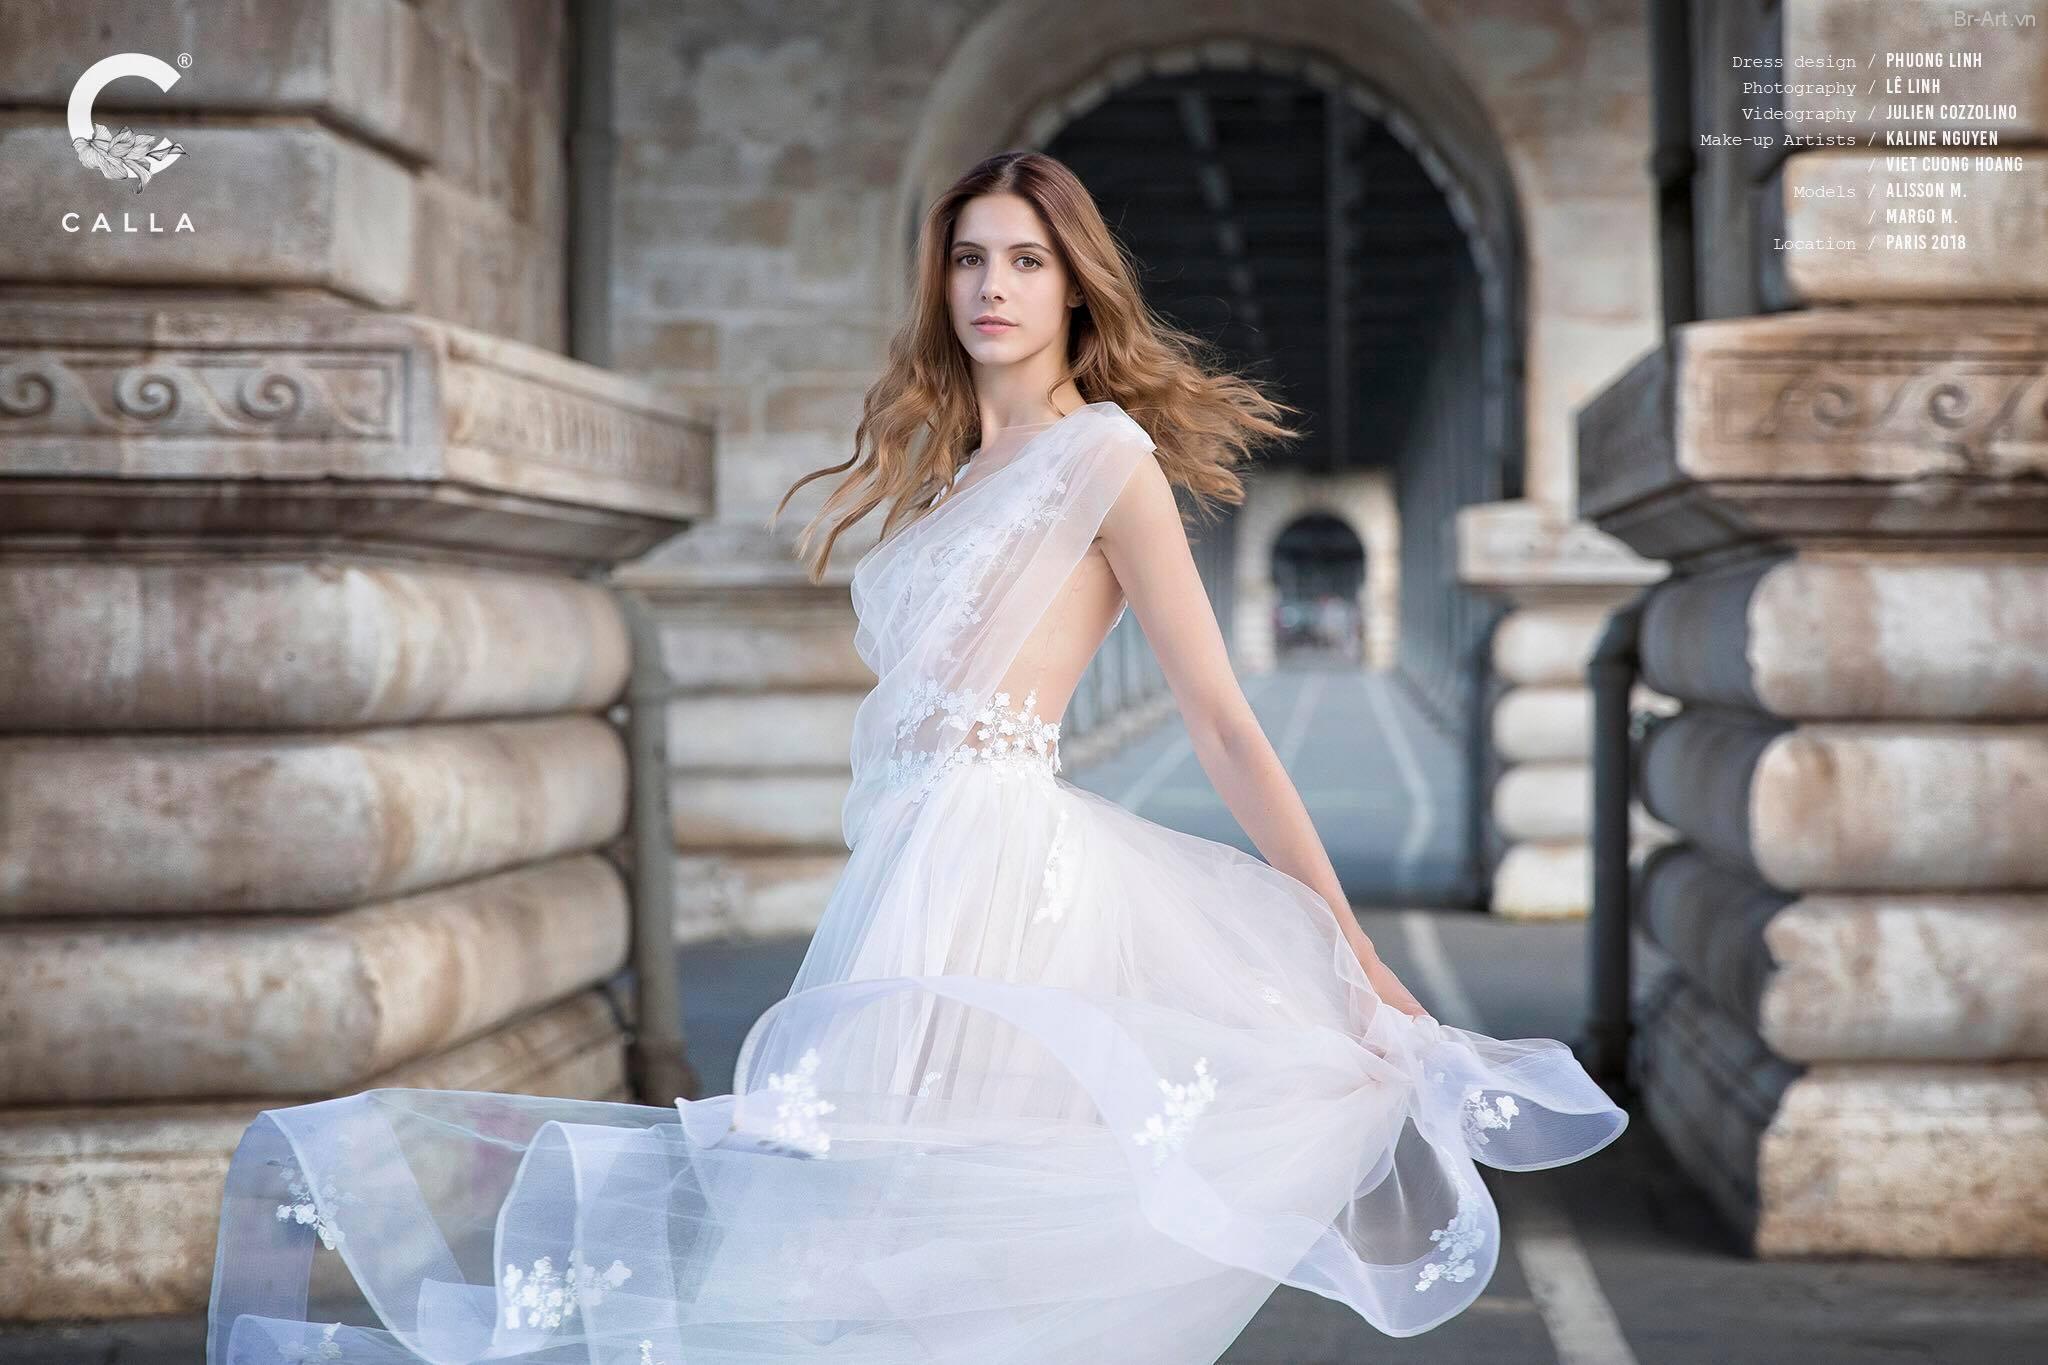 Thiếu nữ Pháp đẹp rạng ngời trong mẫu áo cưới - Hình 3